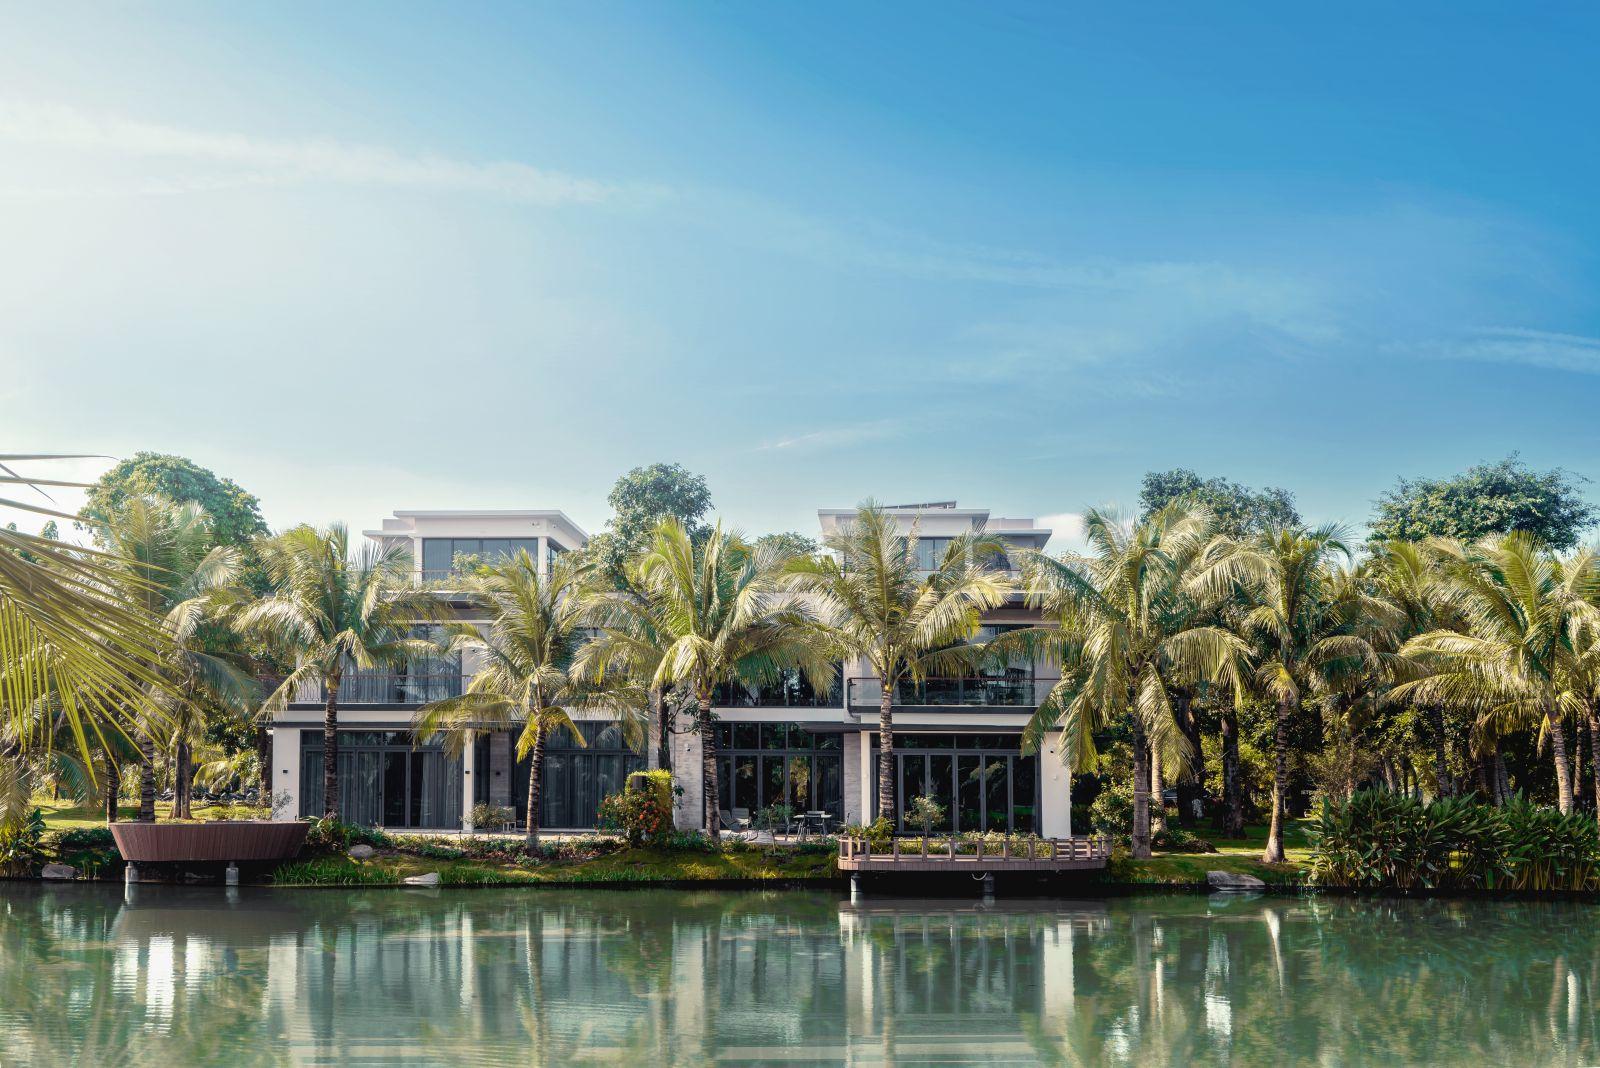 Sự lên ngôi của bất động sản xanh ven mặt nước